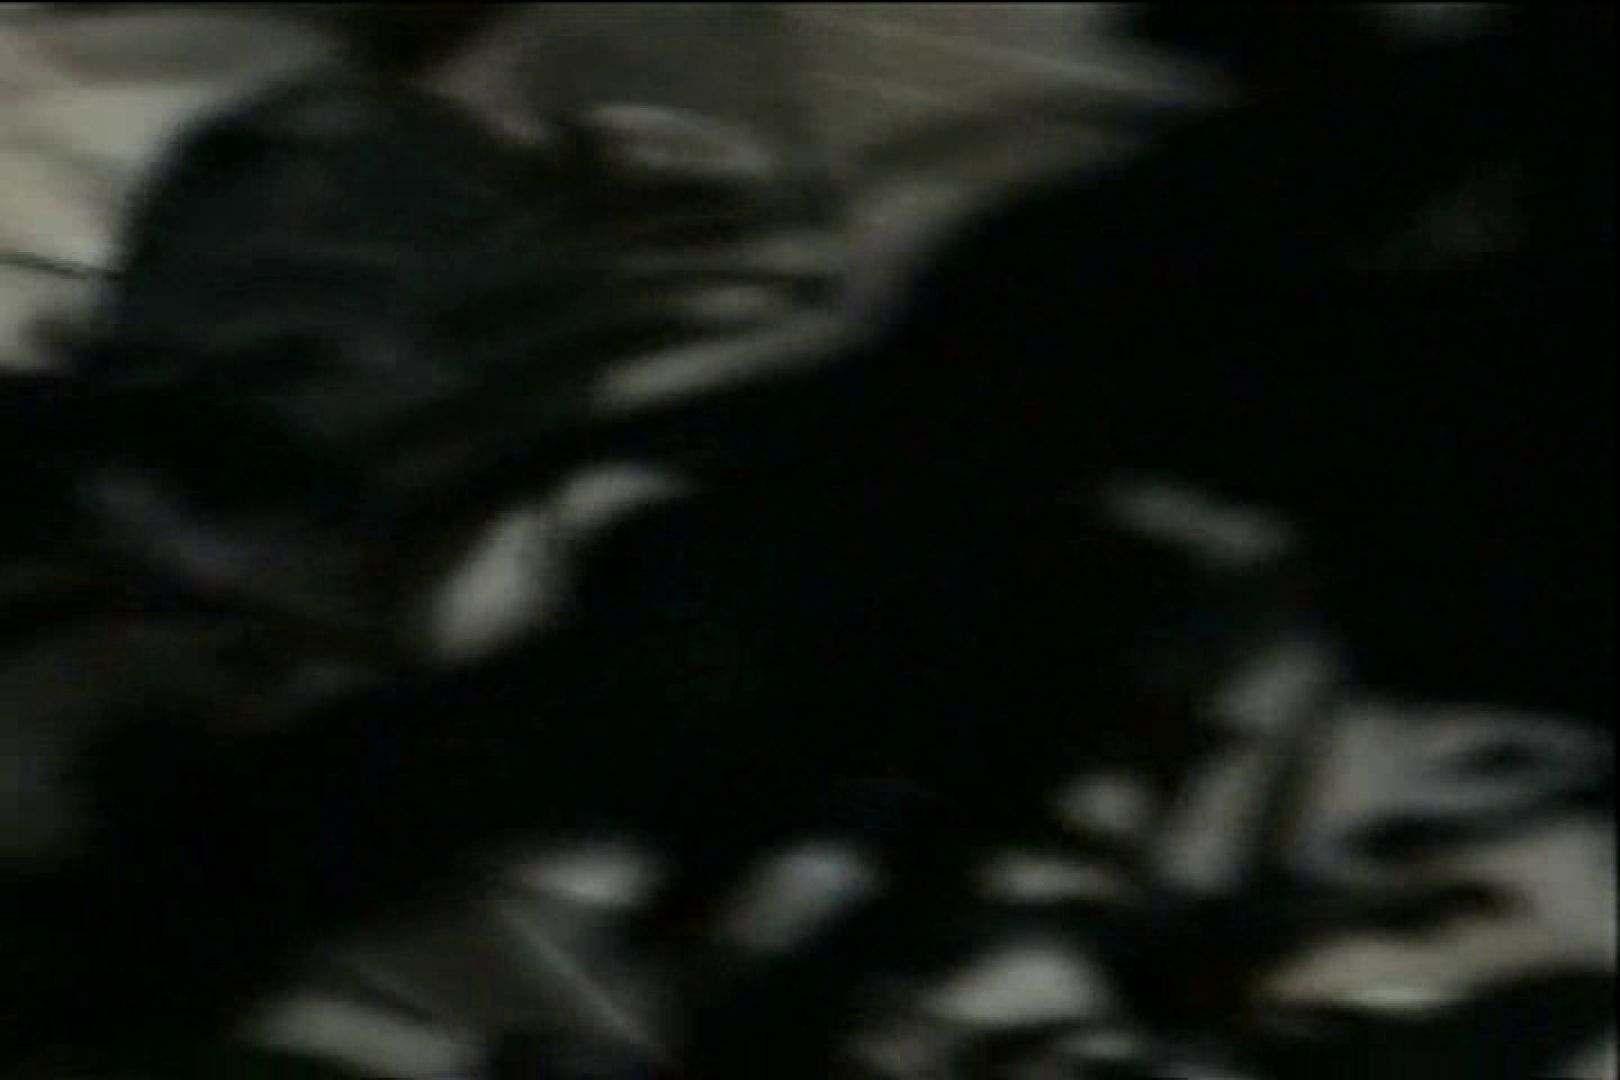 関西発!タツヤのDV直撮り大追跡!!! Vol.13 追跡  83PIX 74